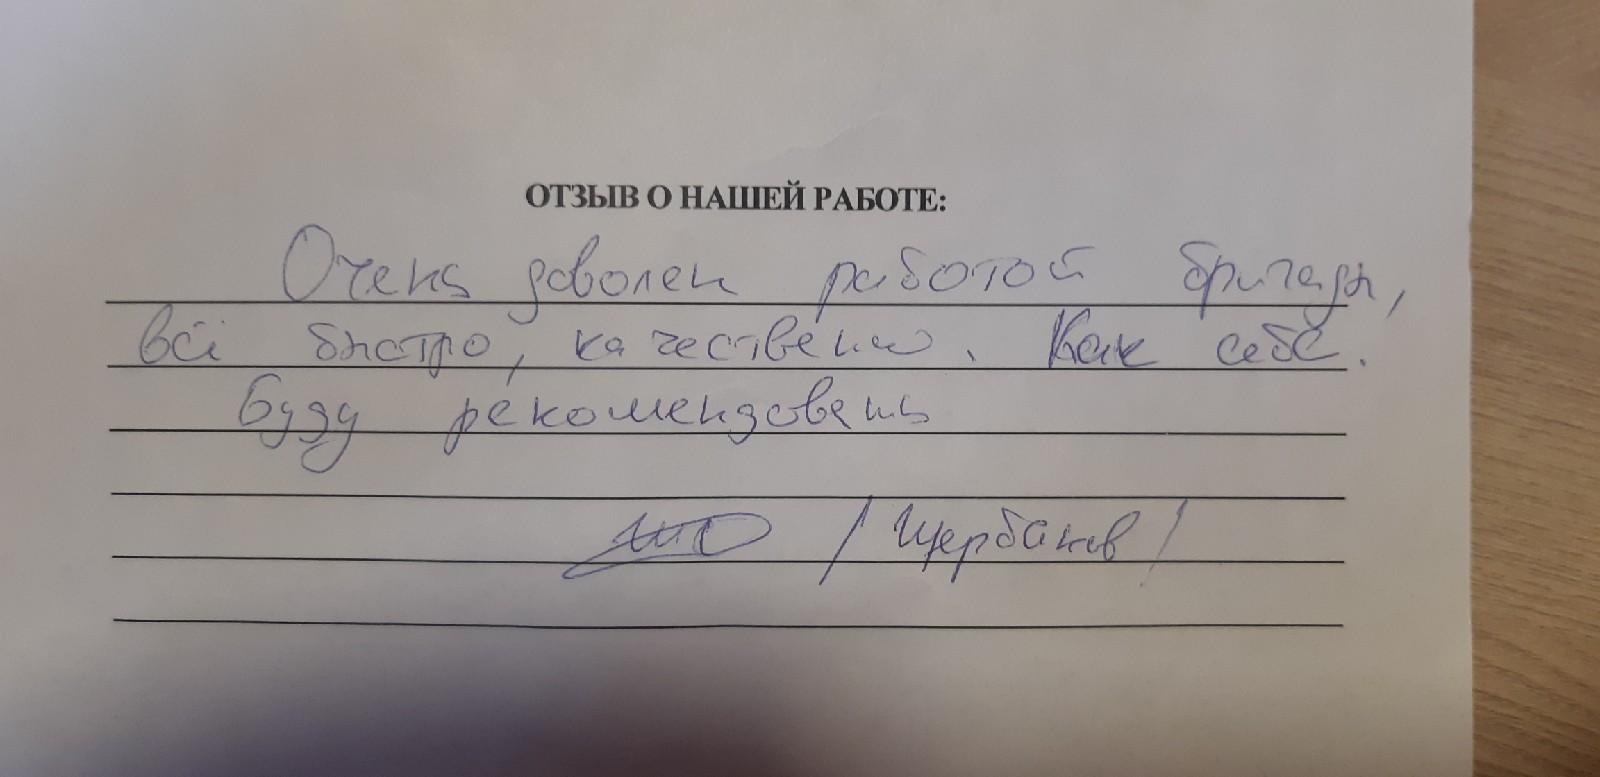 Отзыв Брусовая баня 6х6м в Красносельском районе Ленинградской области